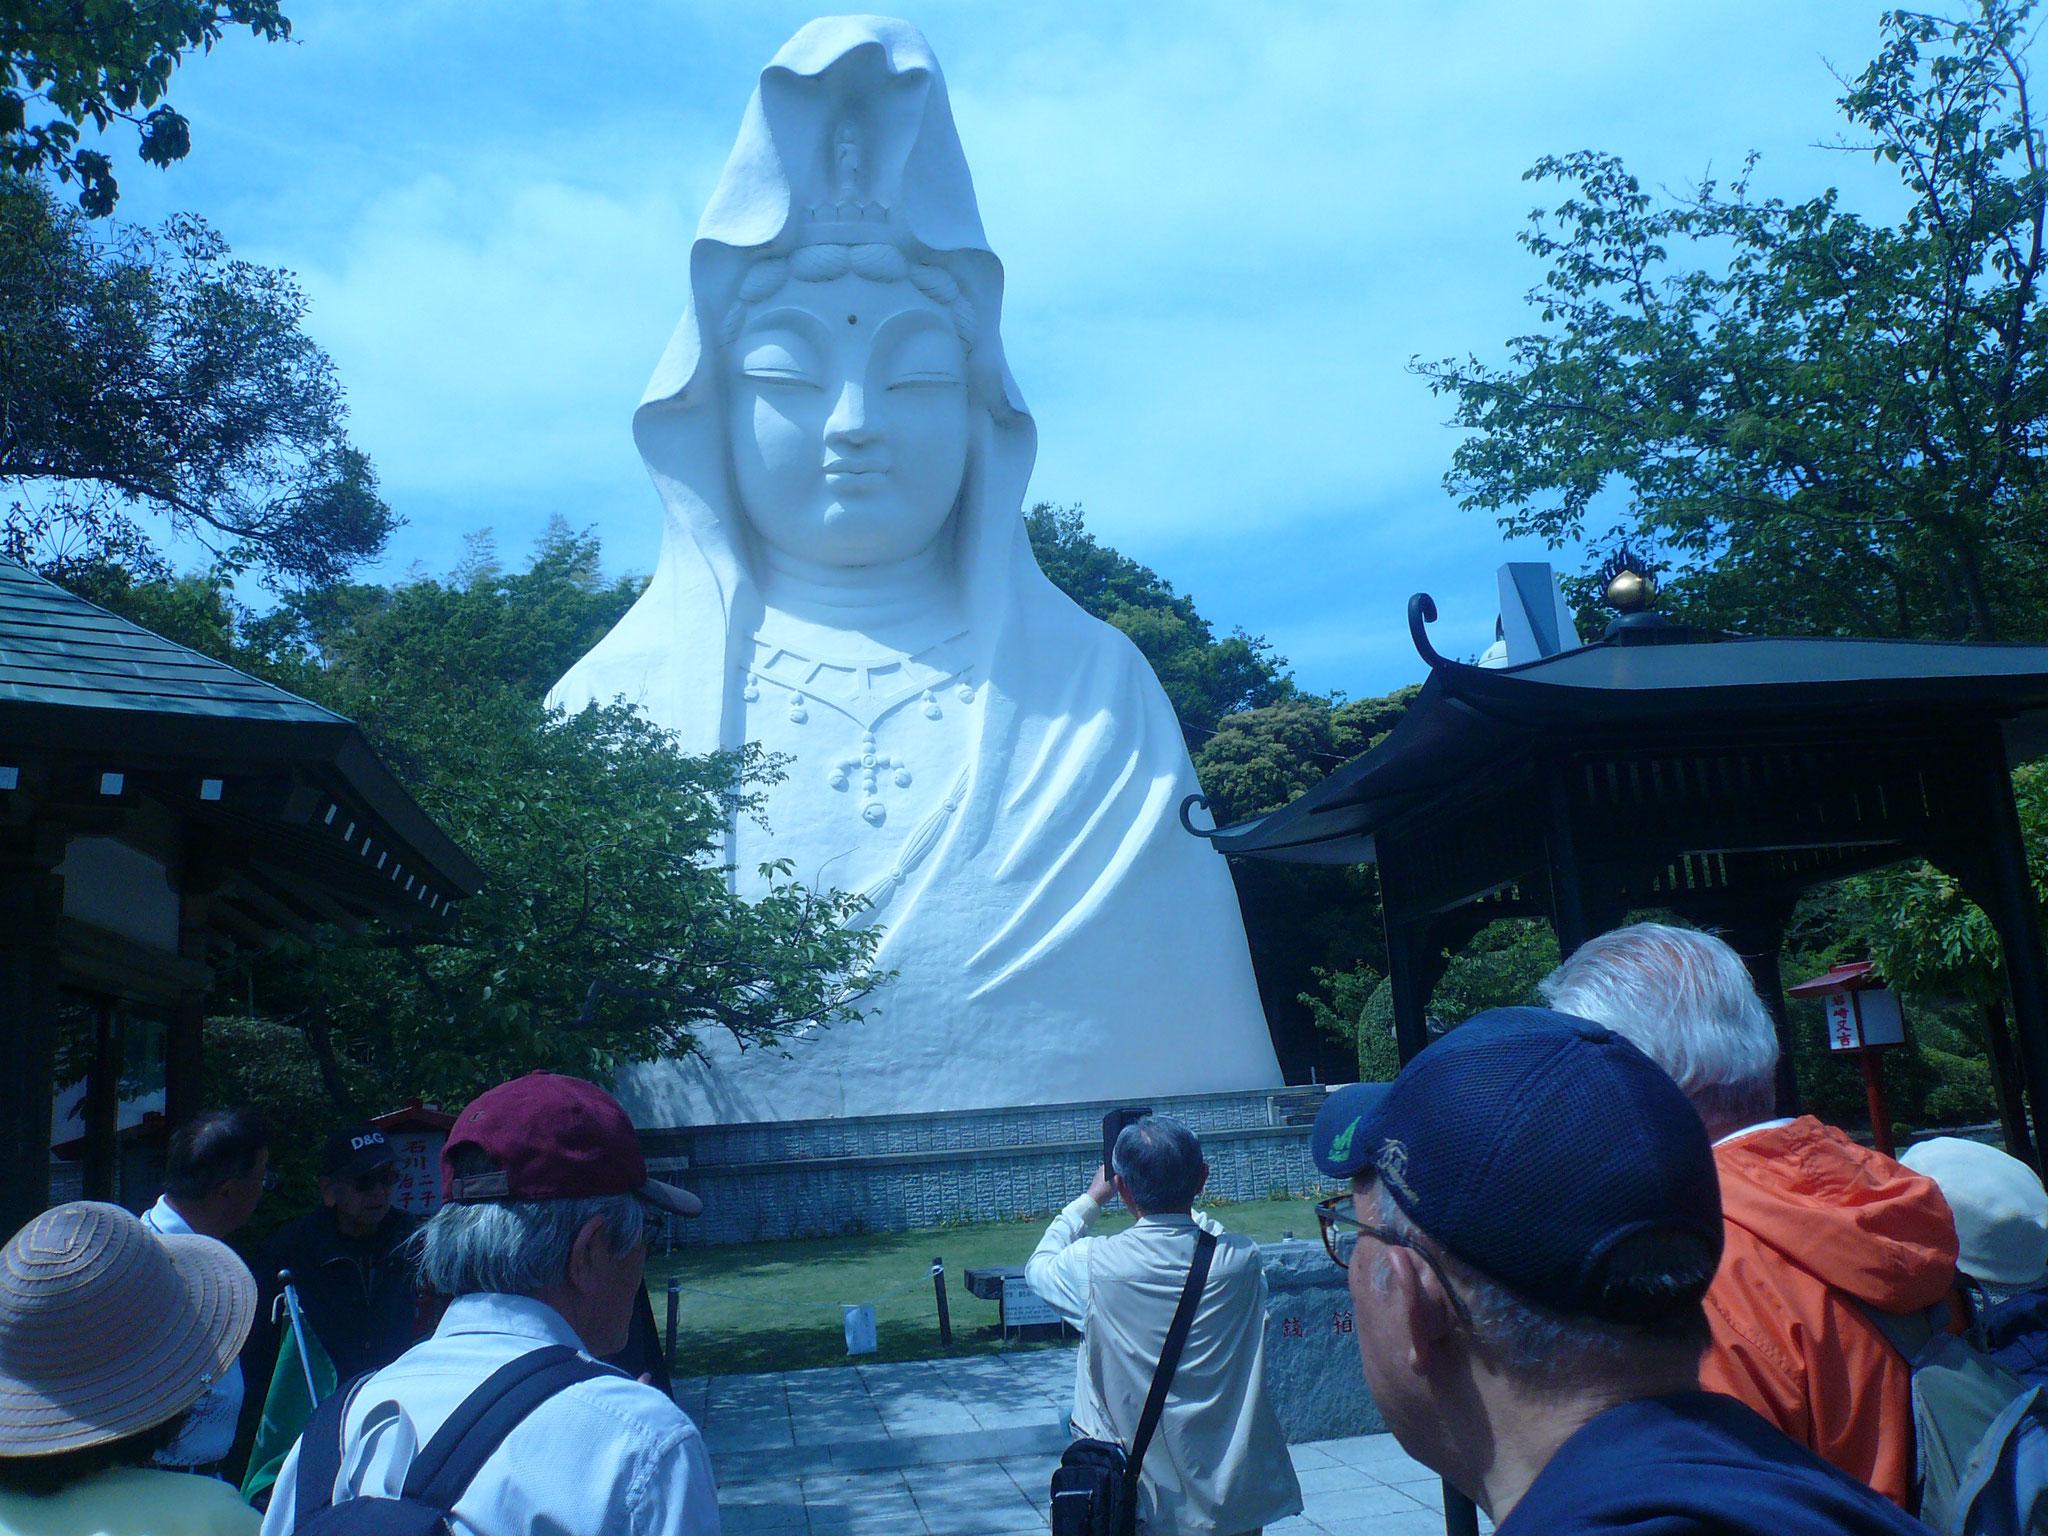 大仏は昭和4年に計画されたが頓挫し、35年に完成されたそうです。